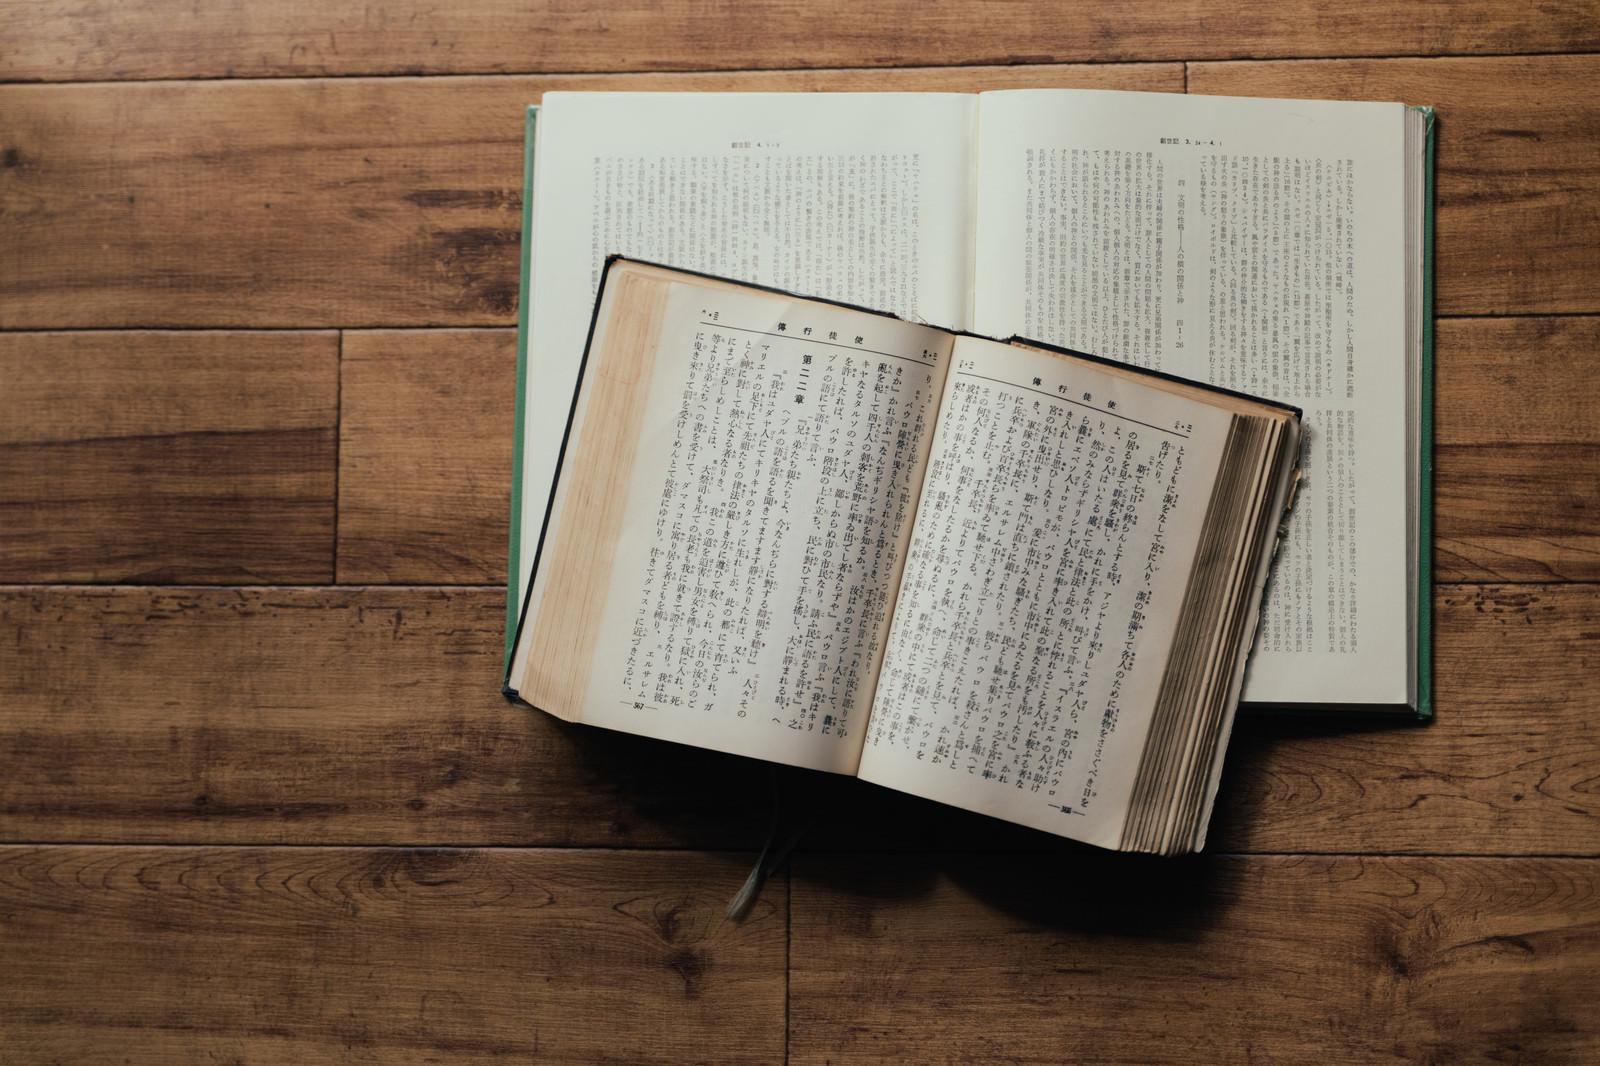 「開かれたままの聖書」の写真